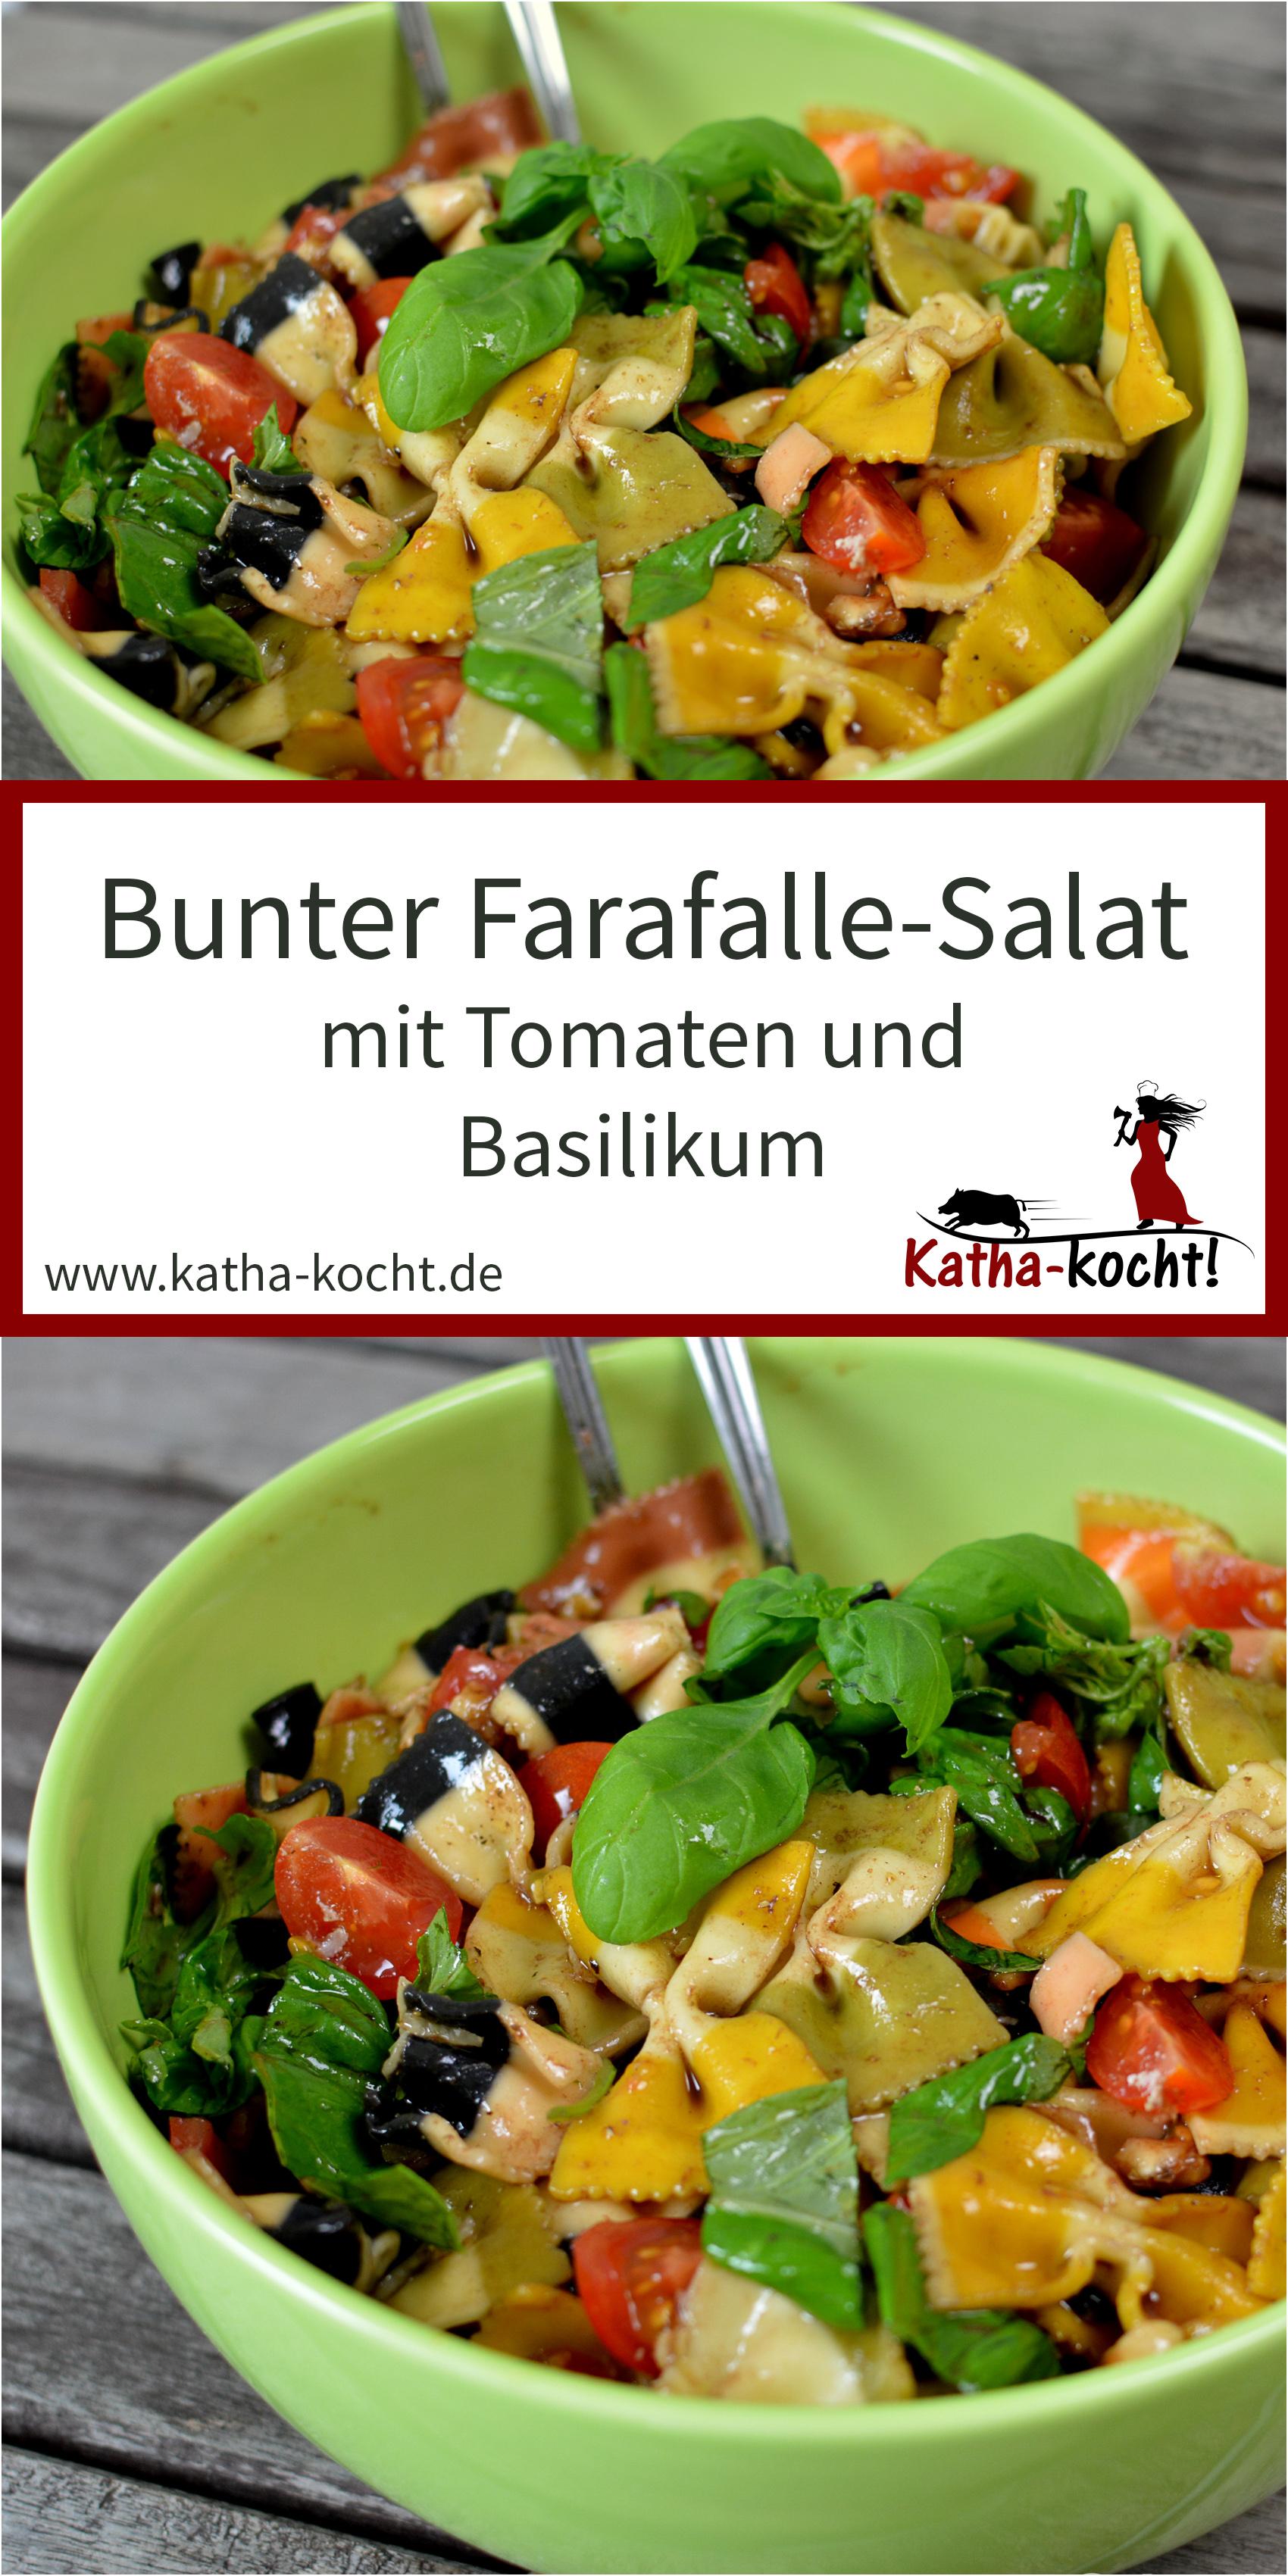 bunter nudelsalat mit walnüssen und tomaten | katha-kocht! - alle